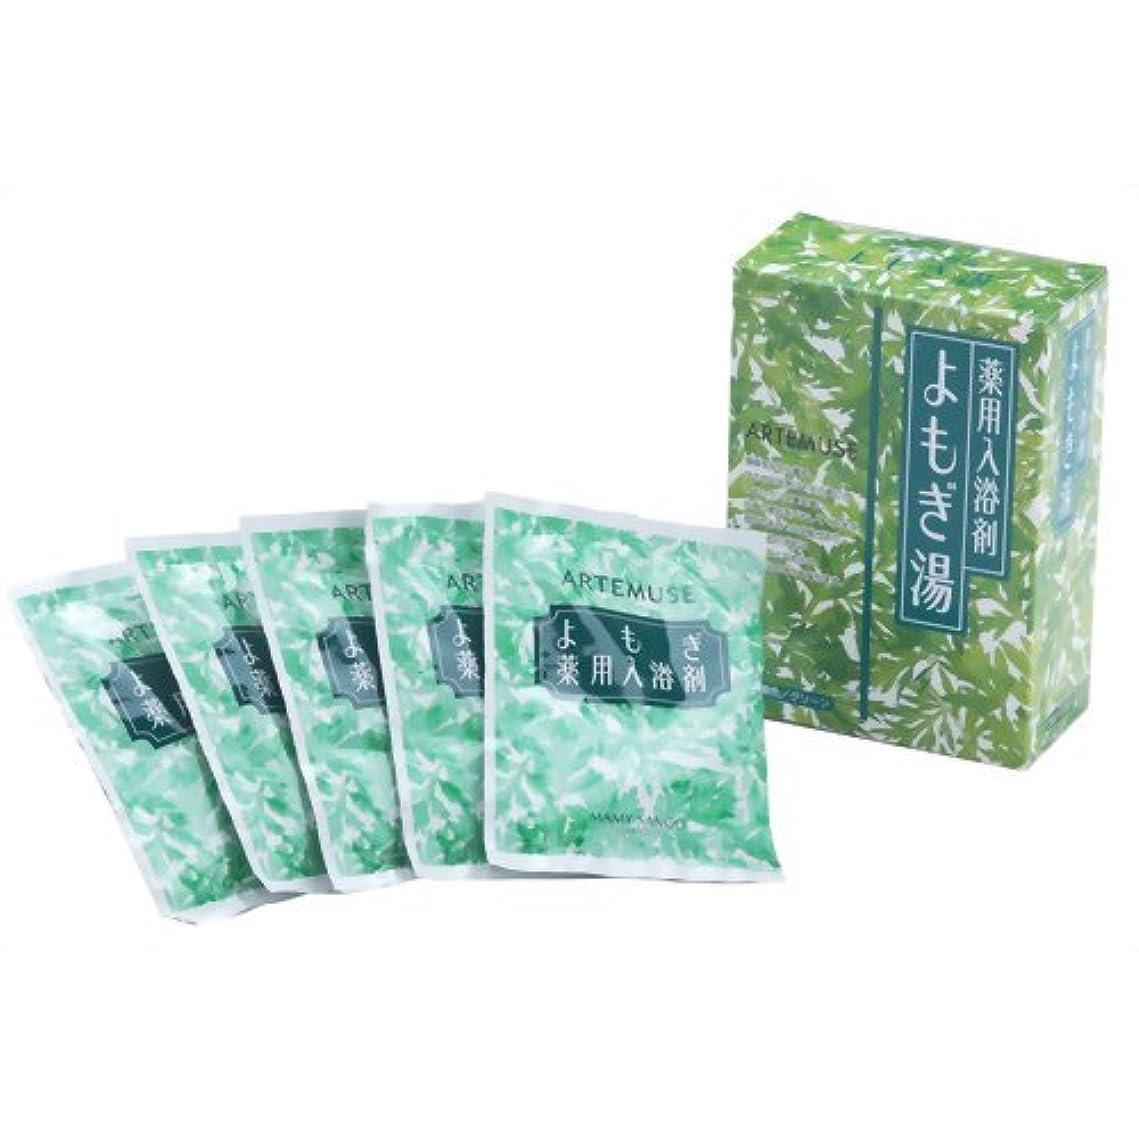 誠意絞るステレオタイプ三興物産 よもぎ薬用シリーズ よもぎ薬用入浴剤 (分包) 30g×5包入